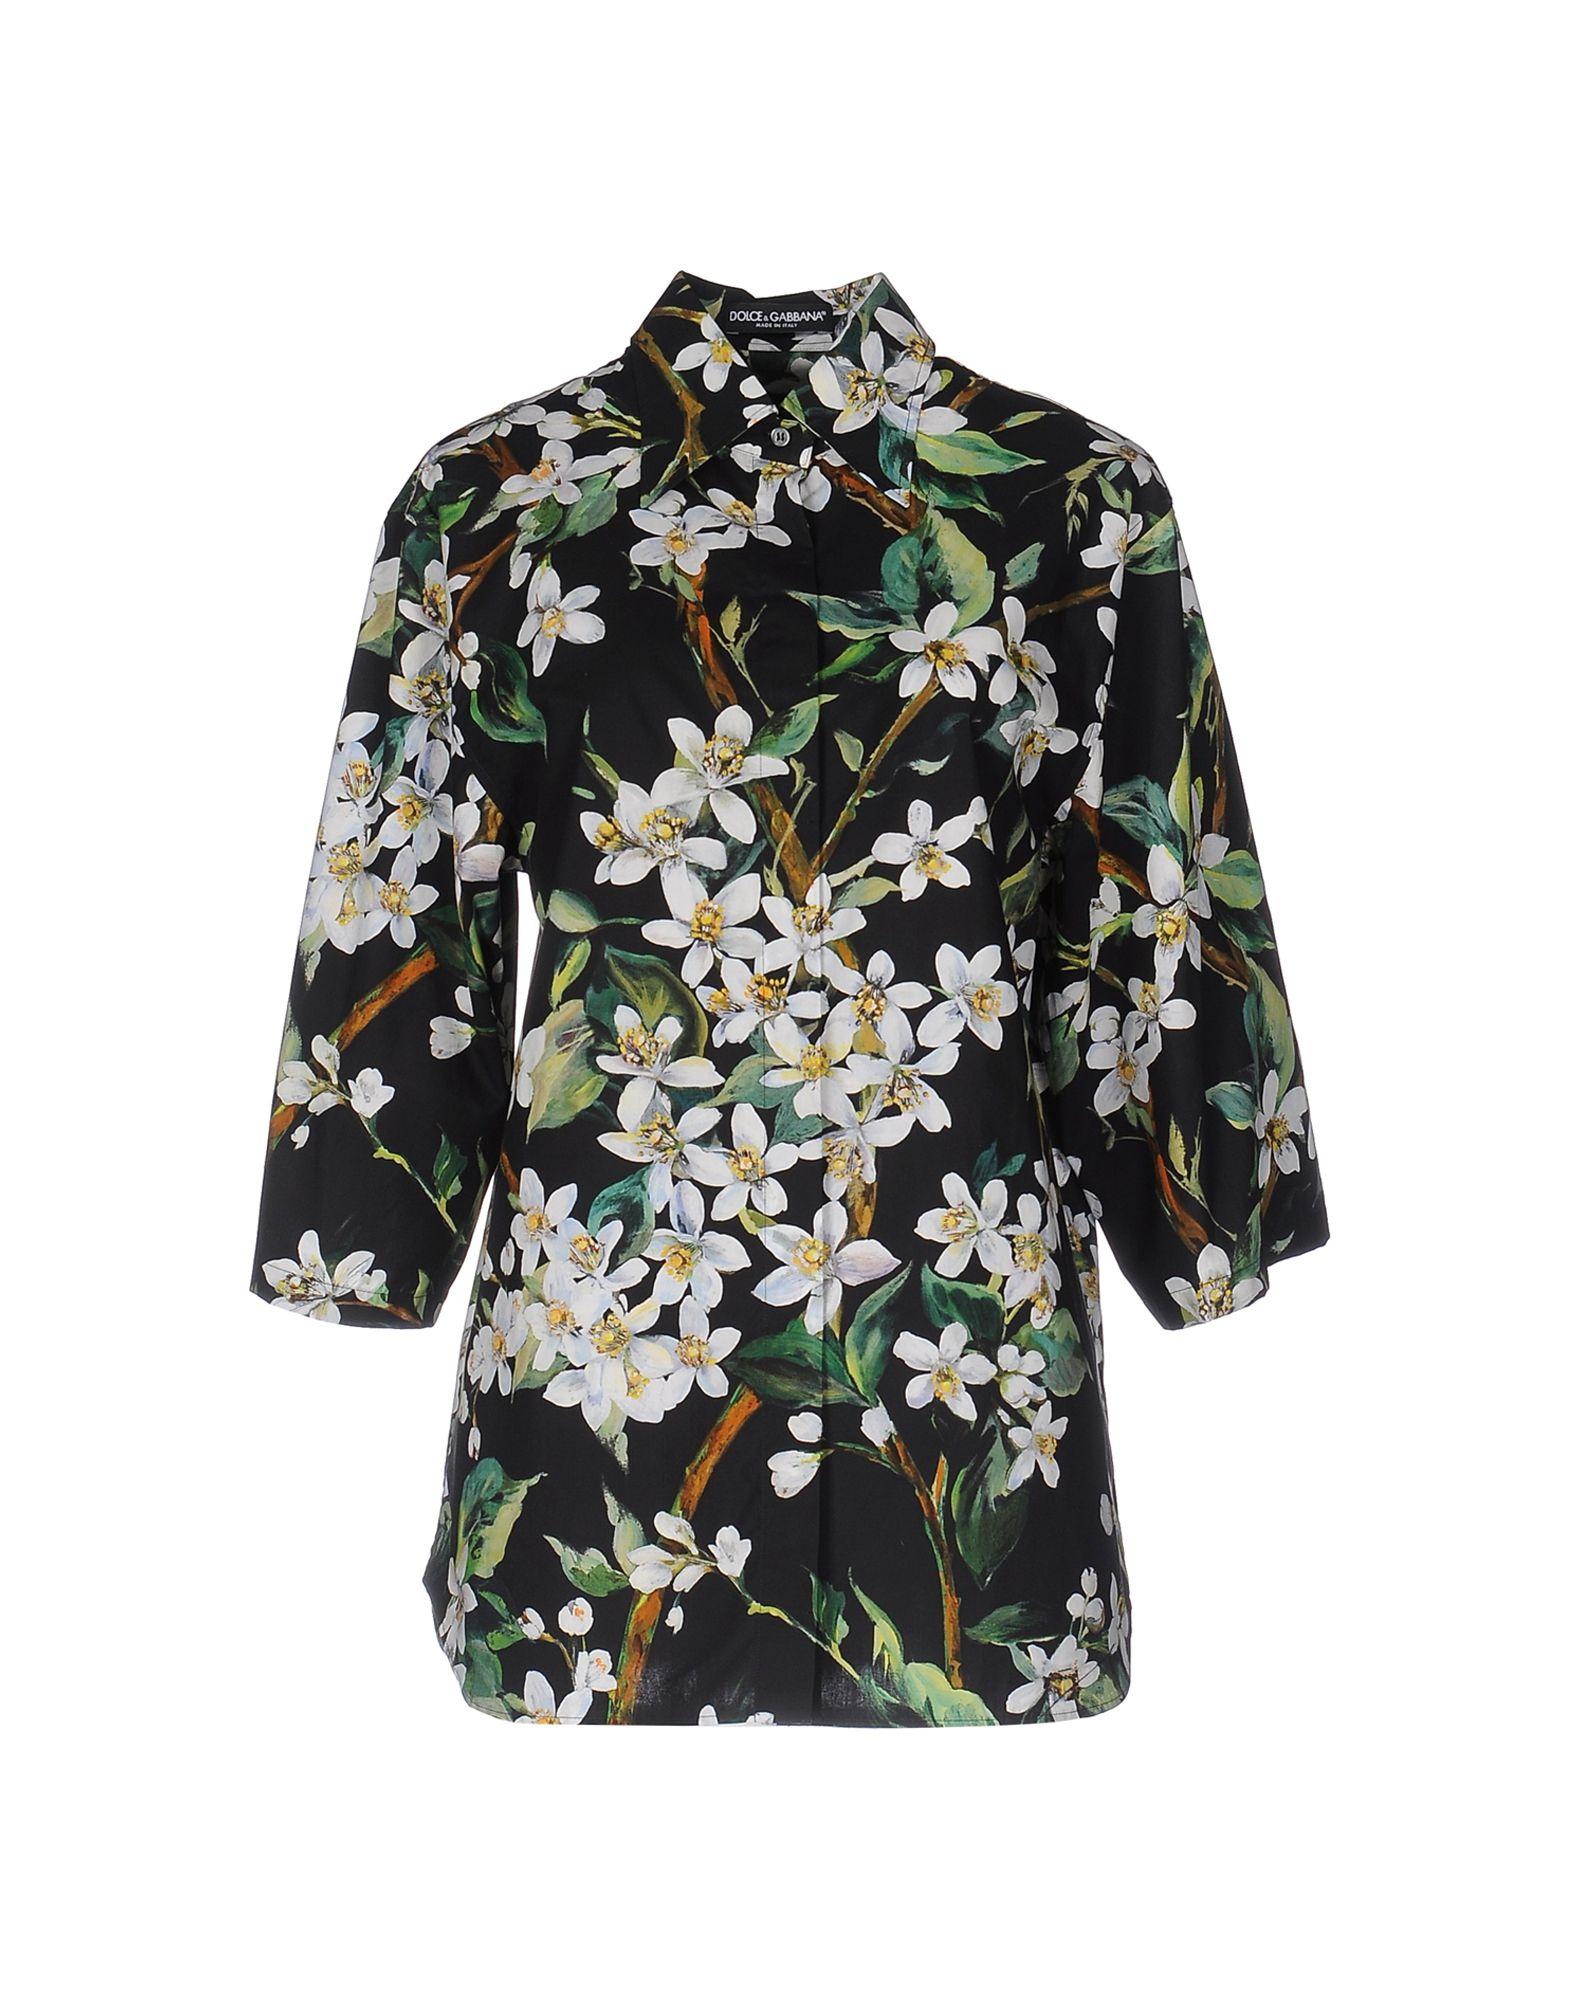 Camicie E Bluse A Fiori Dolce & Gabbana Donna - Acquista online su EHWX8